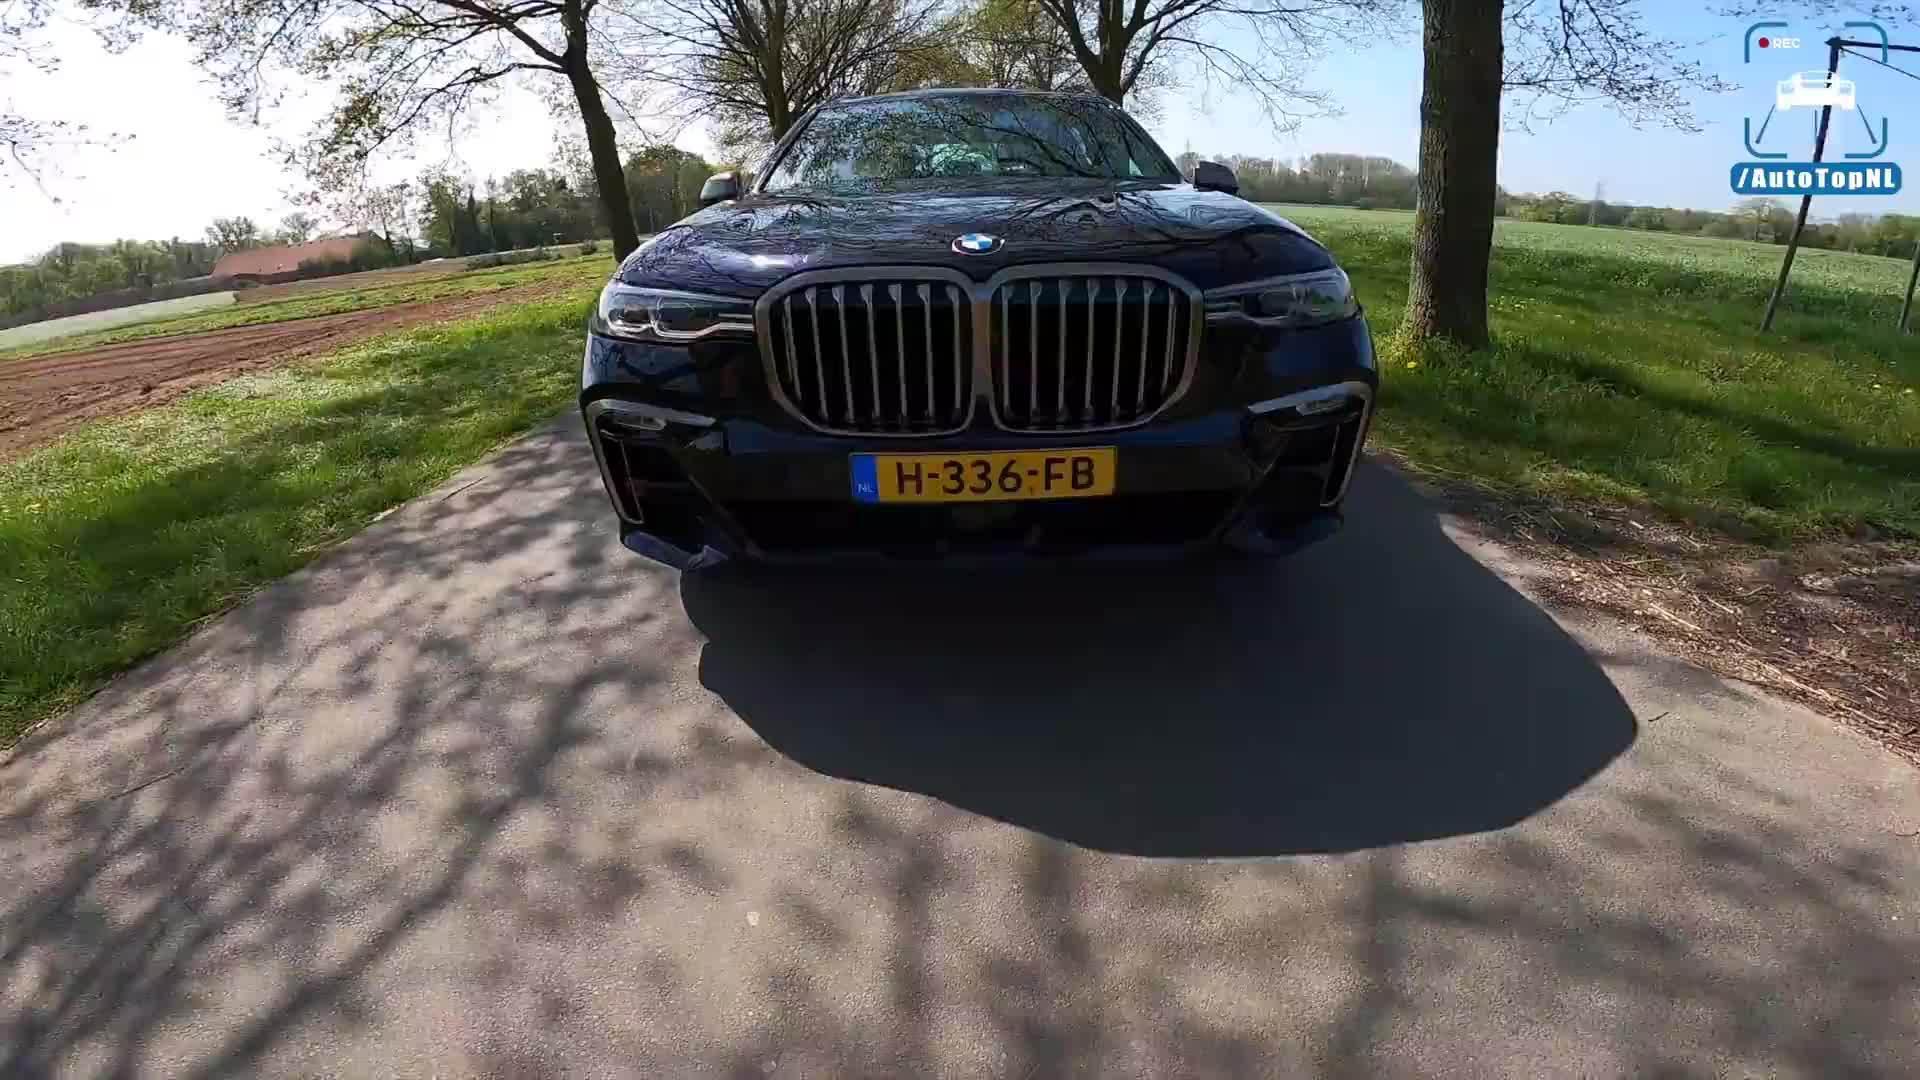 视频:第一视角试驾宝马 X7 M50i 4.4 V8 530马力 。(By AutoTopNL)